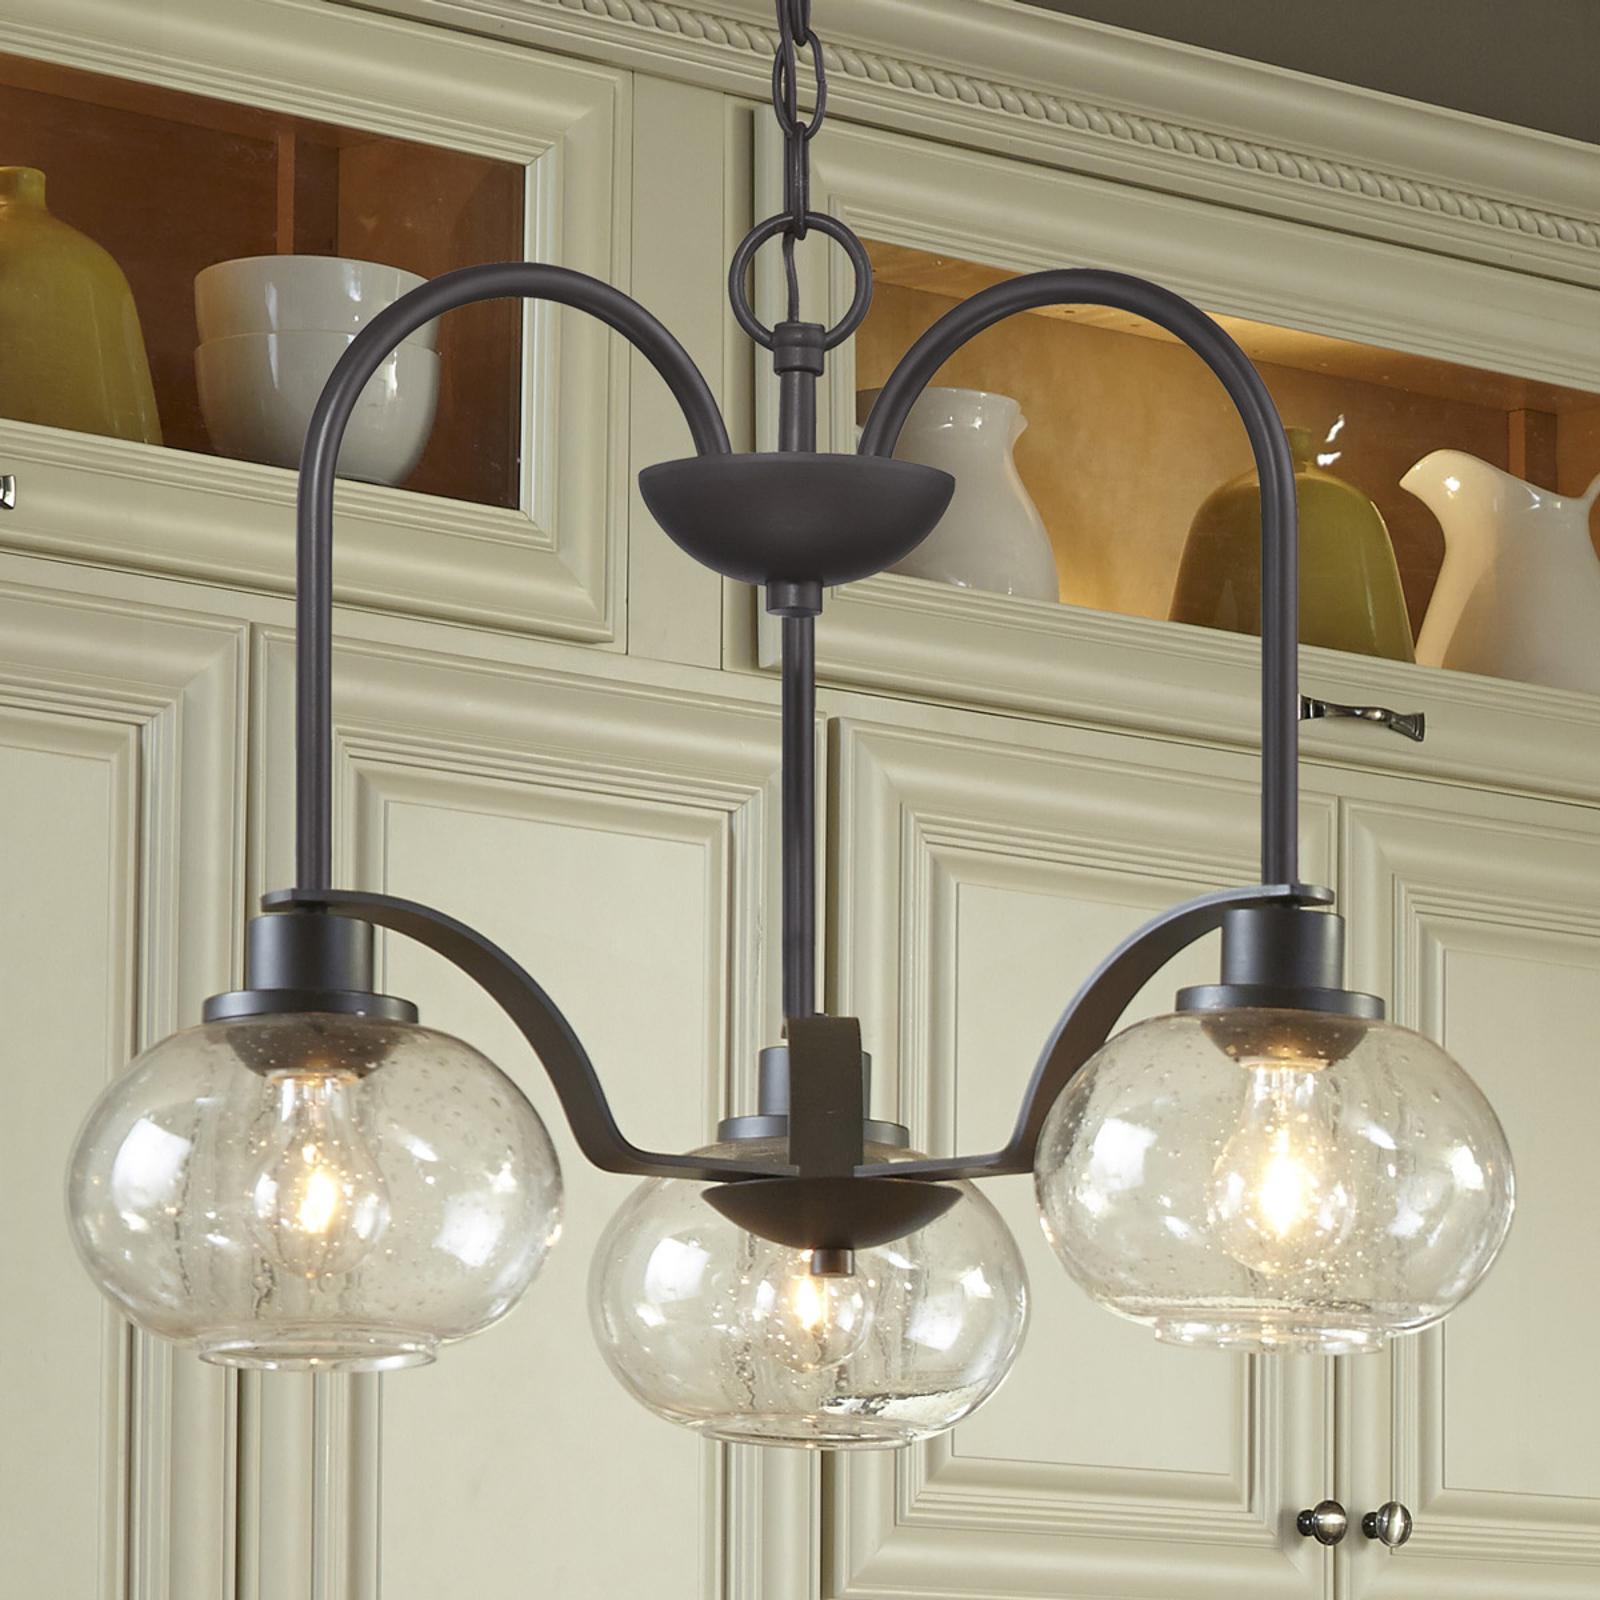 Vintage chandelier Trilogy, 3-light_3048326_1